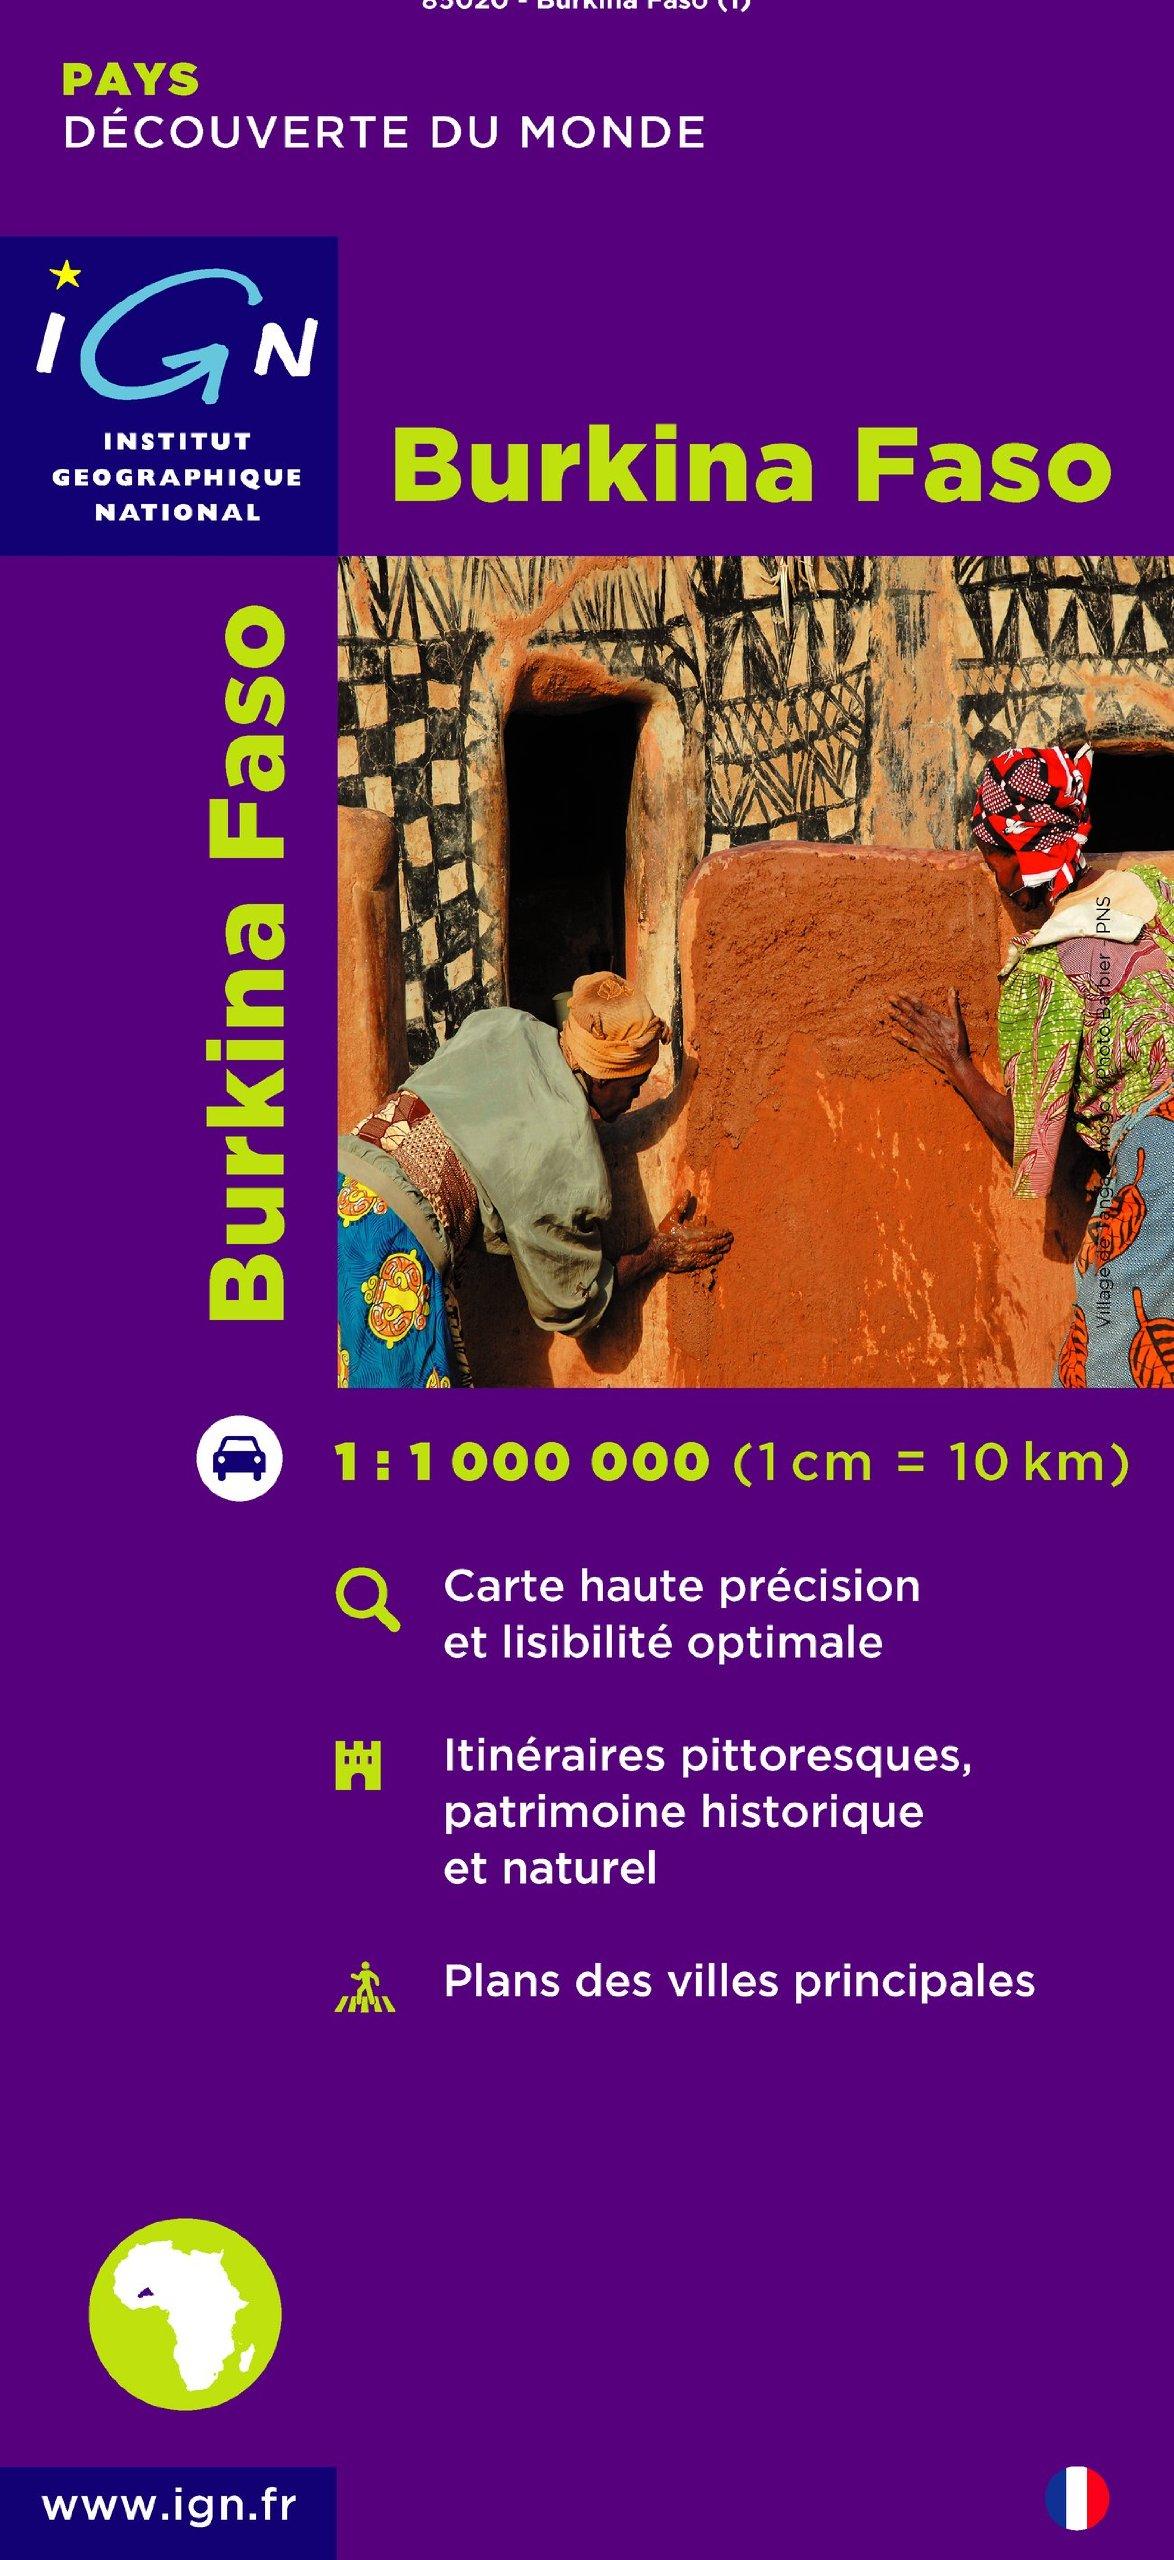 Burkina Faso  1 : 1 000 000: Découverte des pays du monde. Carte haute précision et lisibilité optimale. Itinéraires pittoresques, patrimoine ... villes principales (Pays et Villes de France)